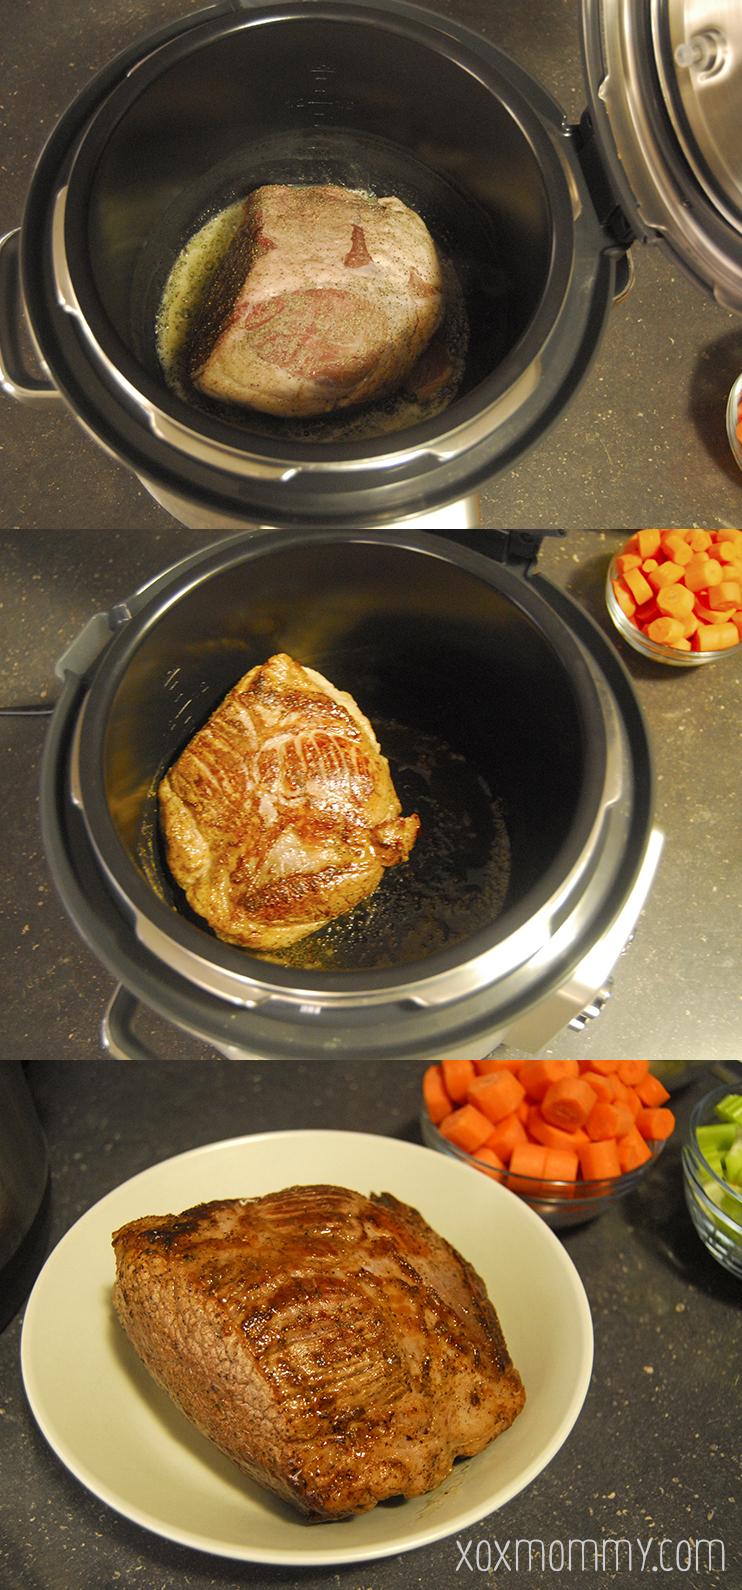 breville fast slow pro sear beef